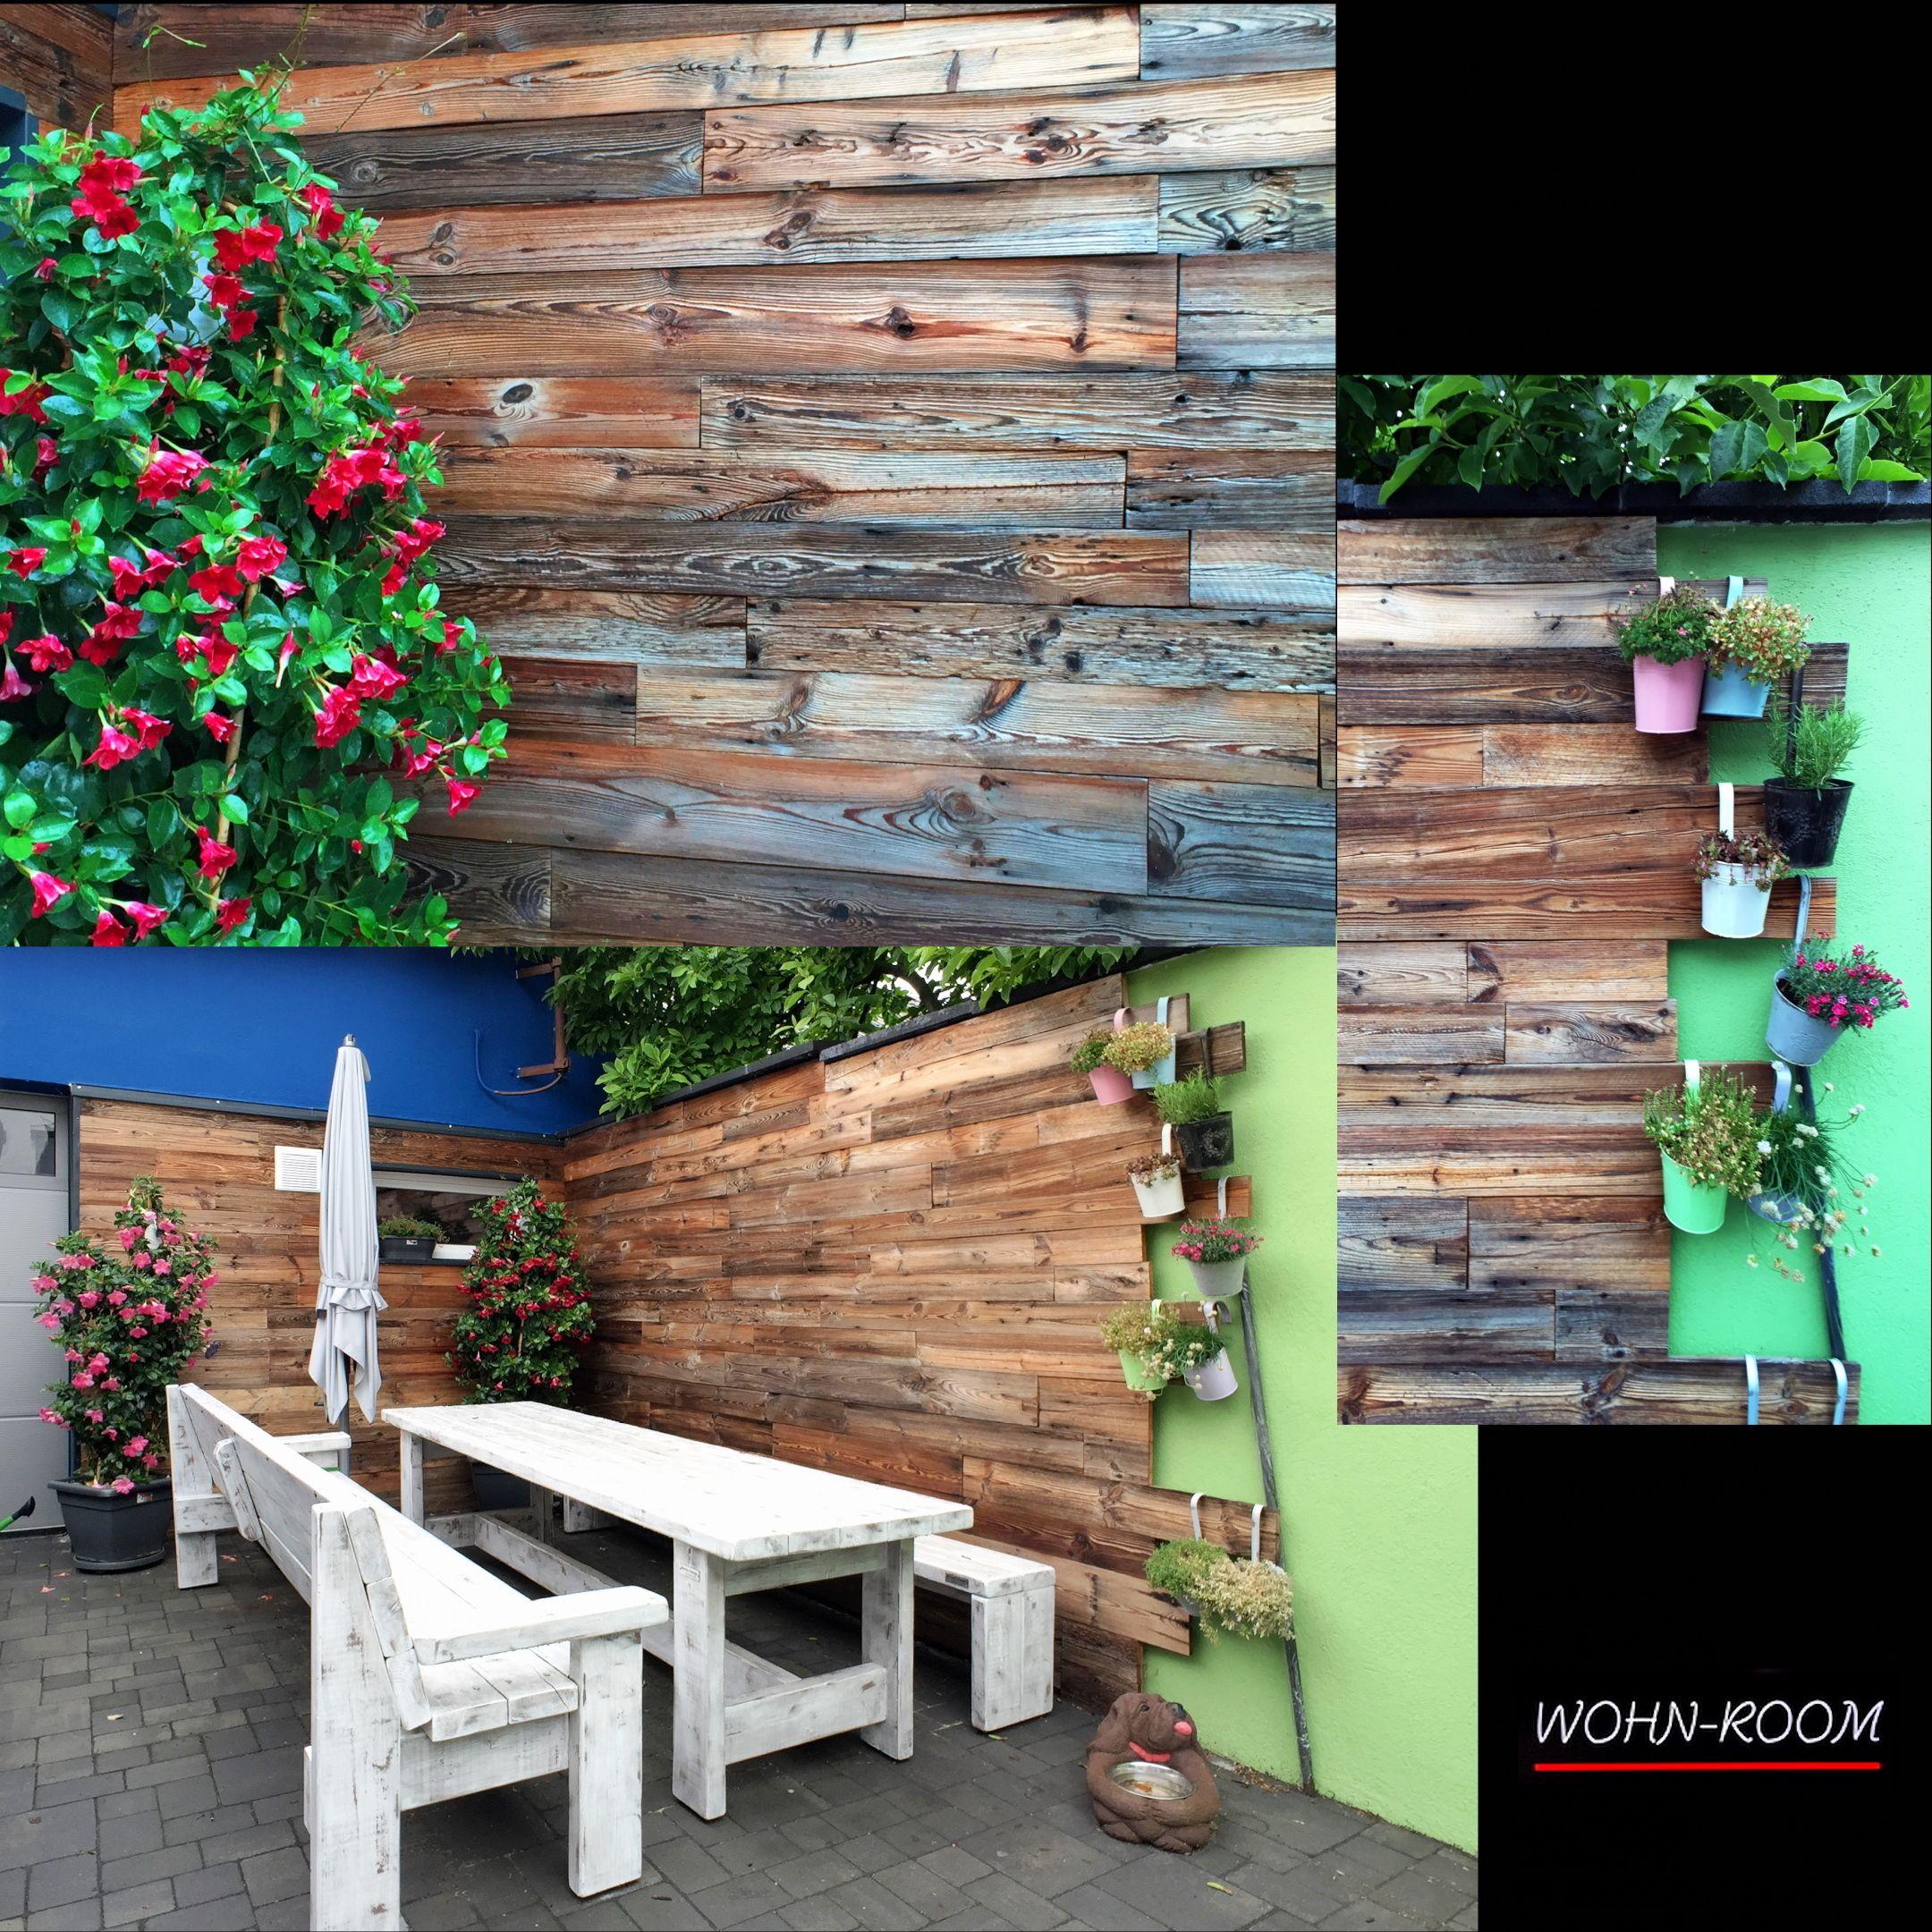 Aussenanwendung Unseres Scheunenholz Scheunenholz Altholz Wandverkleidung Wandverkleidung Holz